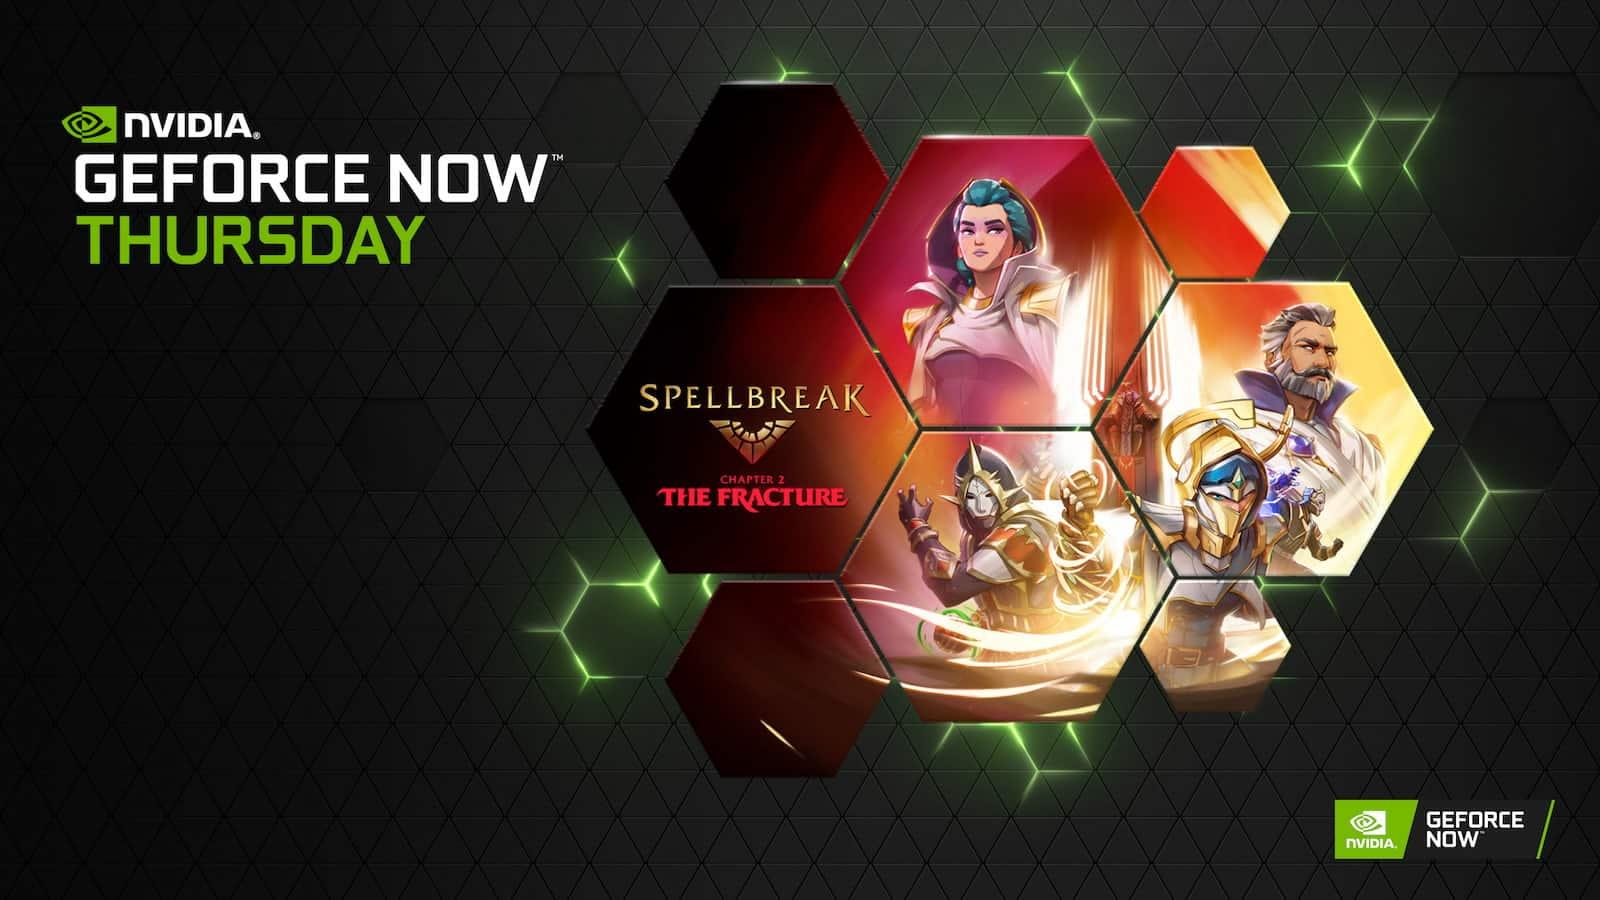 GeForce NOW Spellbreak 3